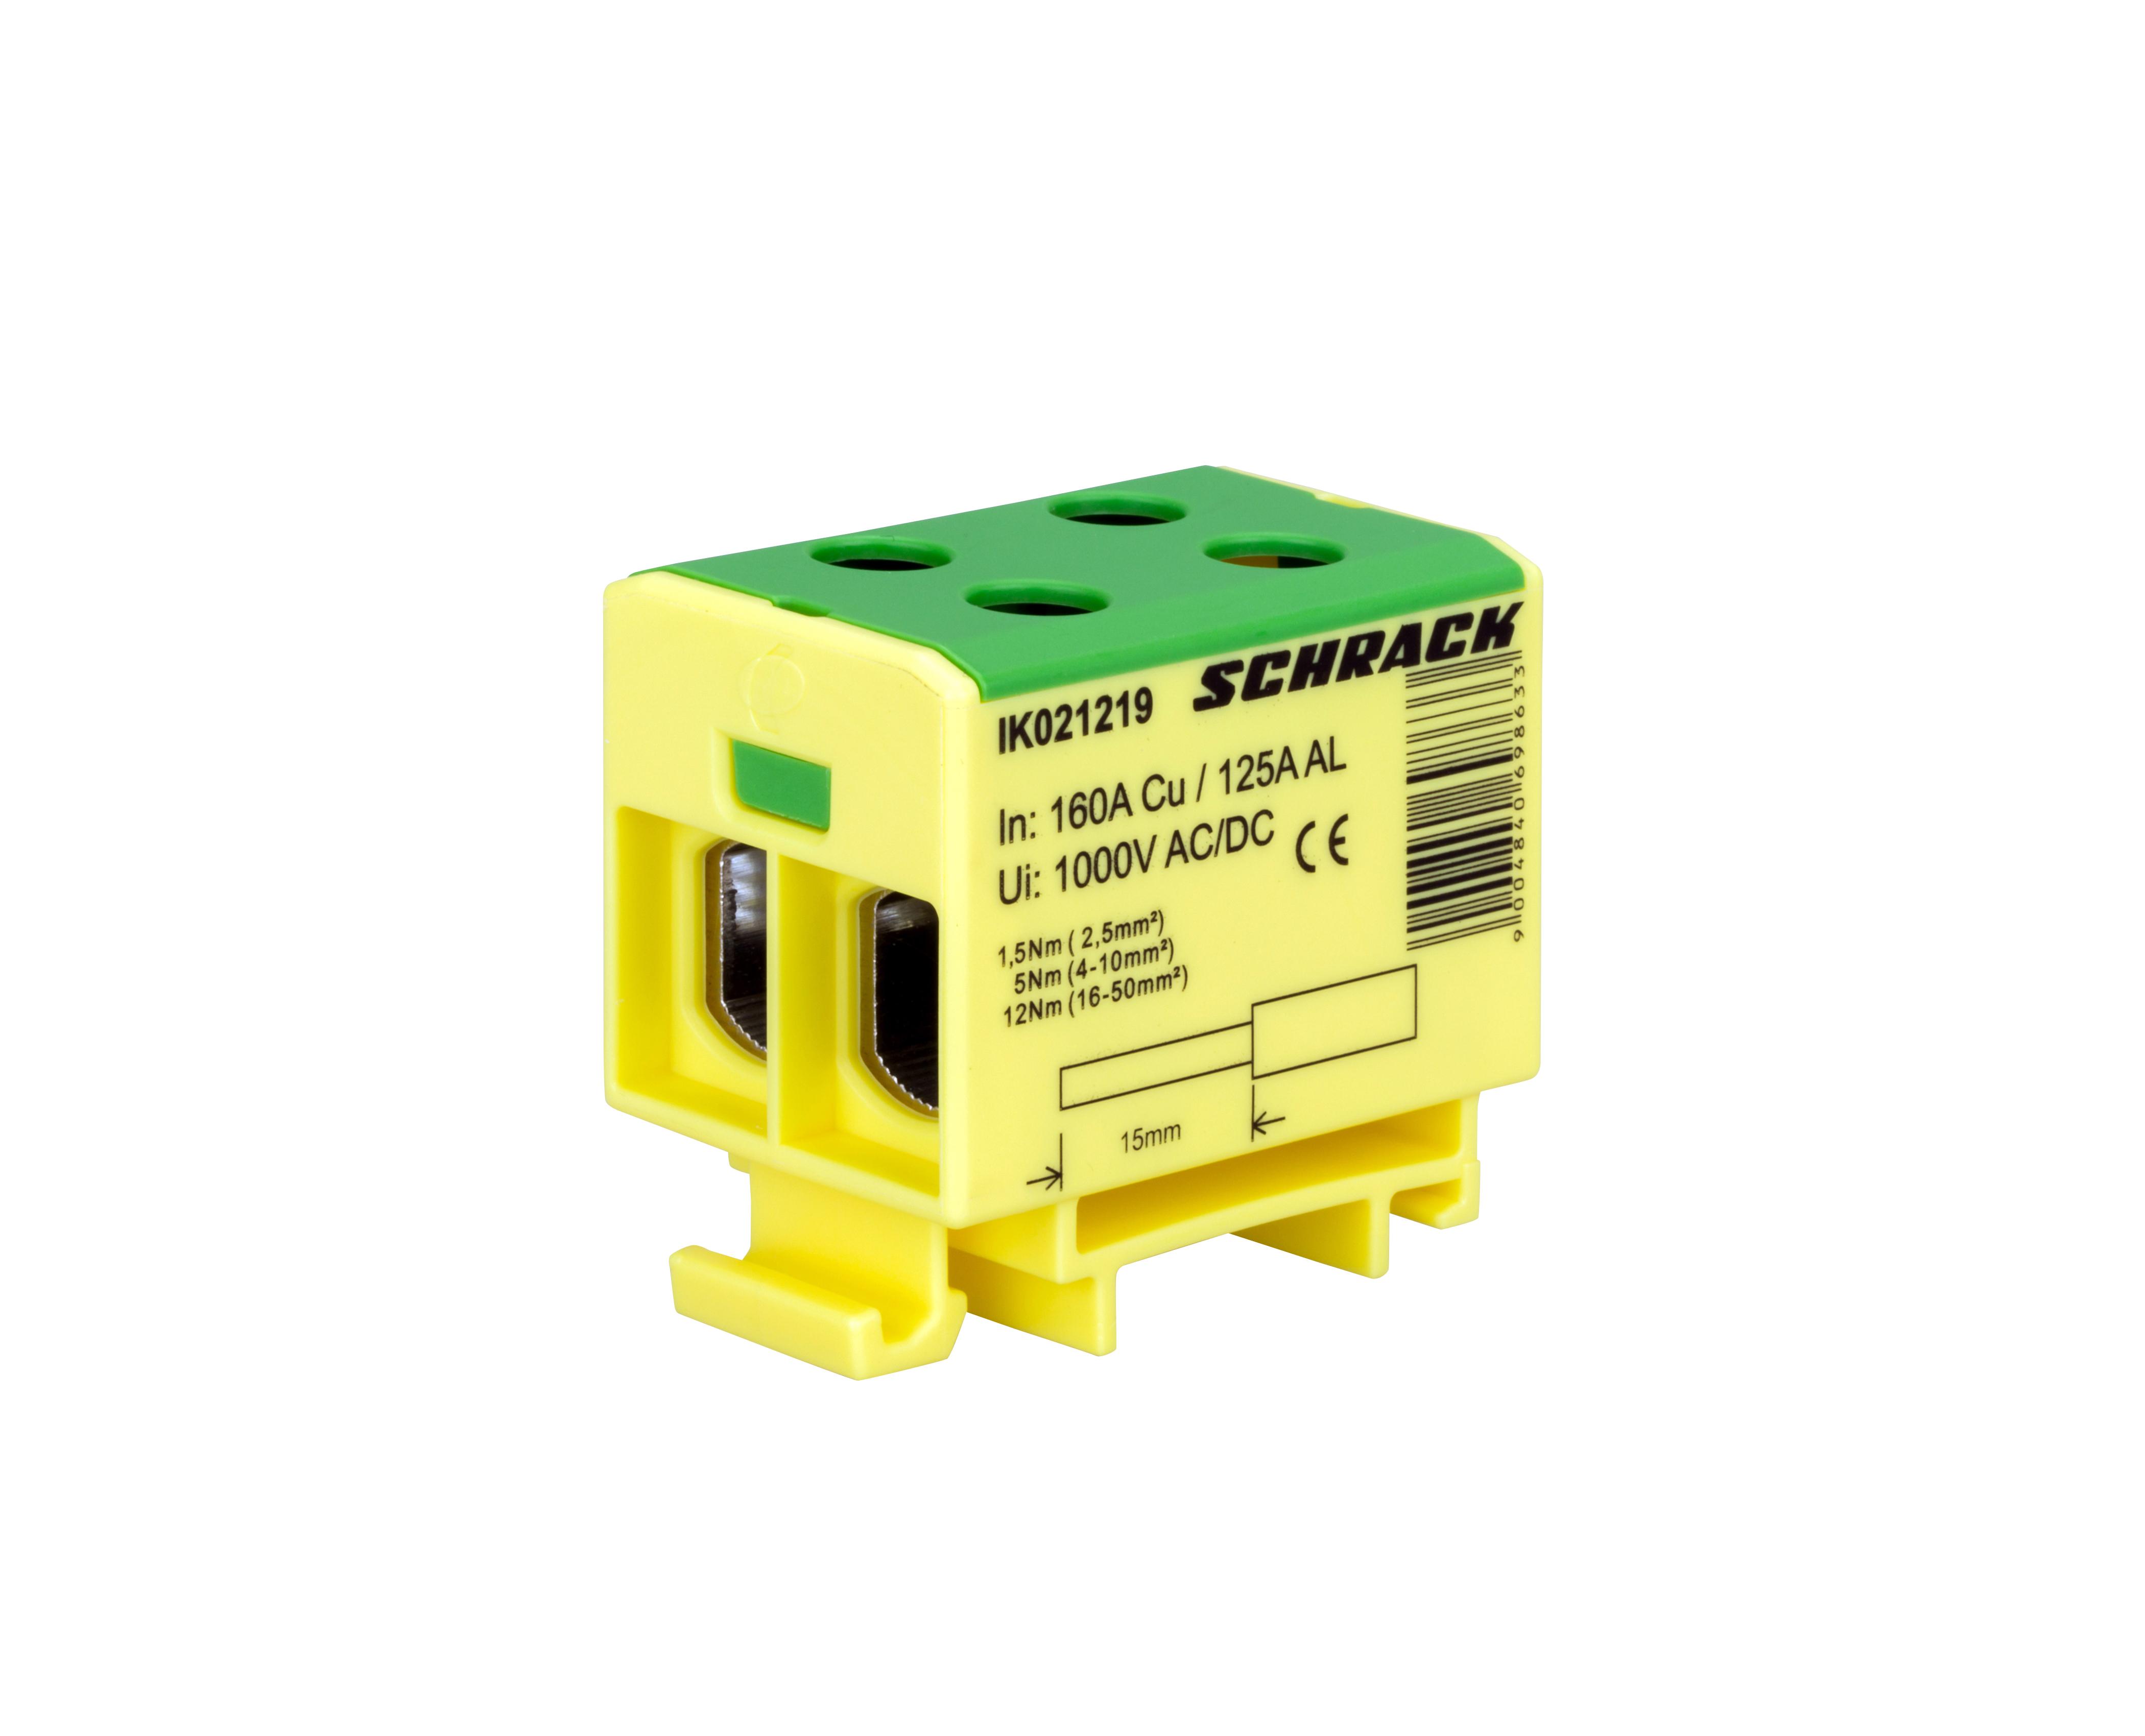 1 Stk Al-Cu Klemme, 2,5-50mm², 2 Ab- und 2 Zugänge, grün-gelb IK021219--